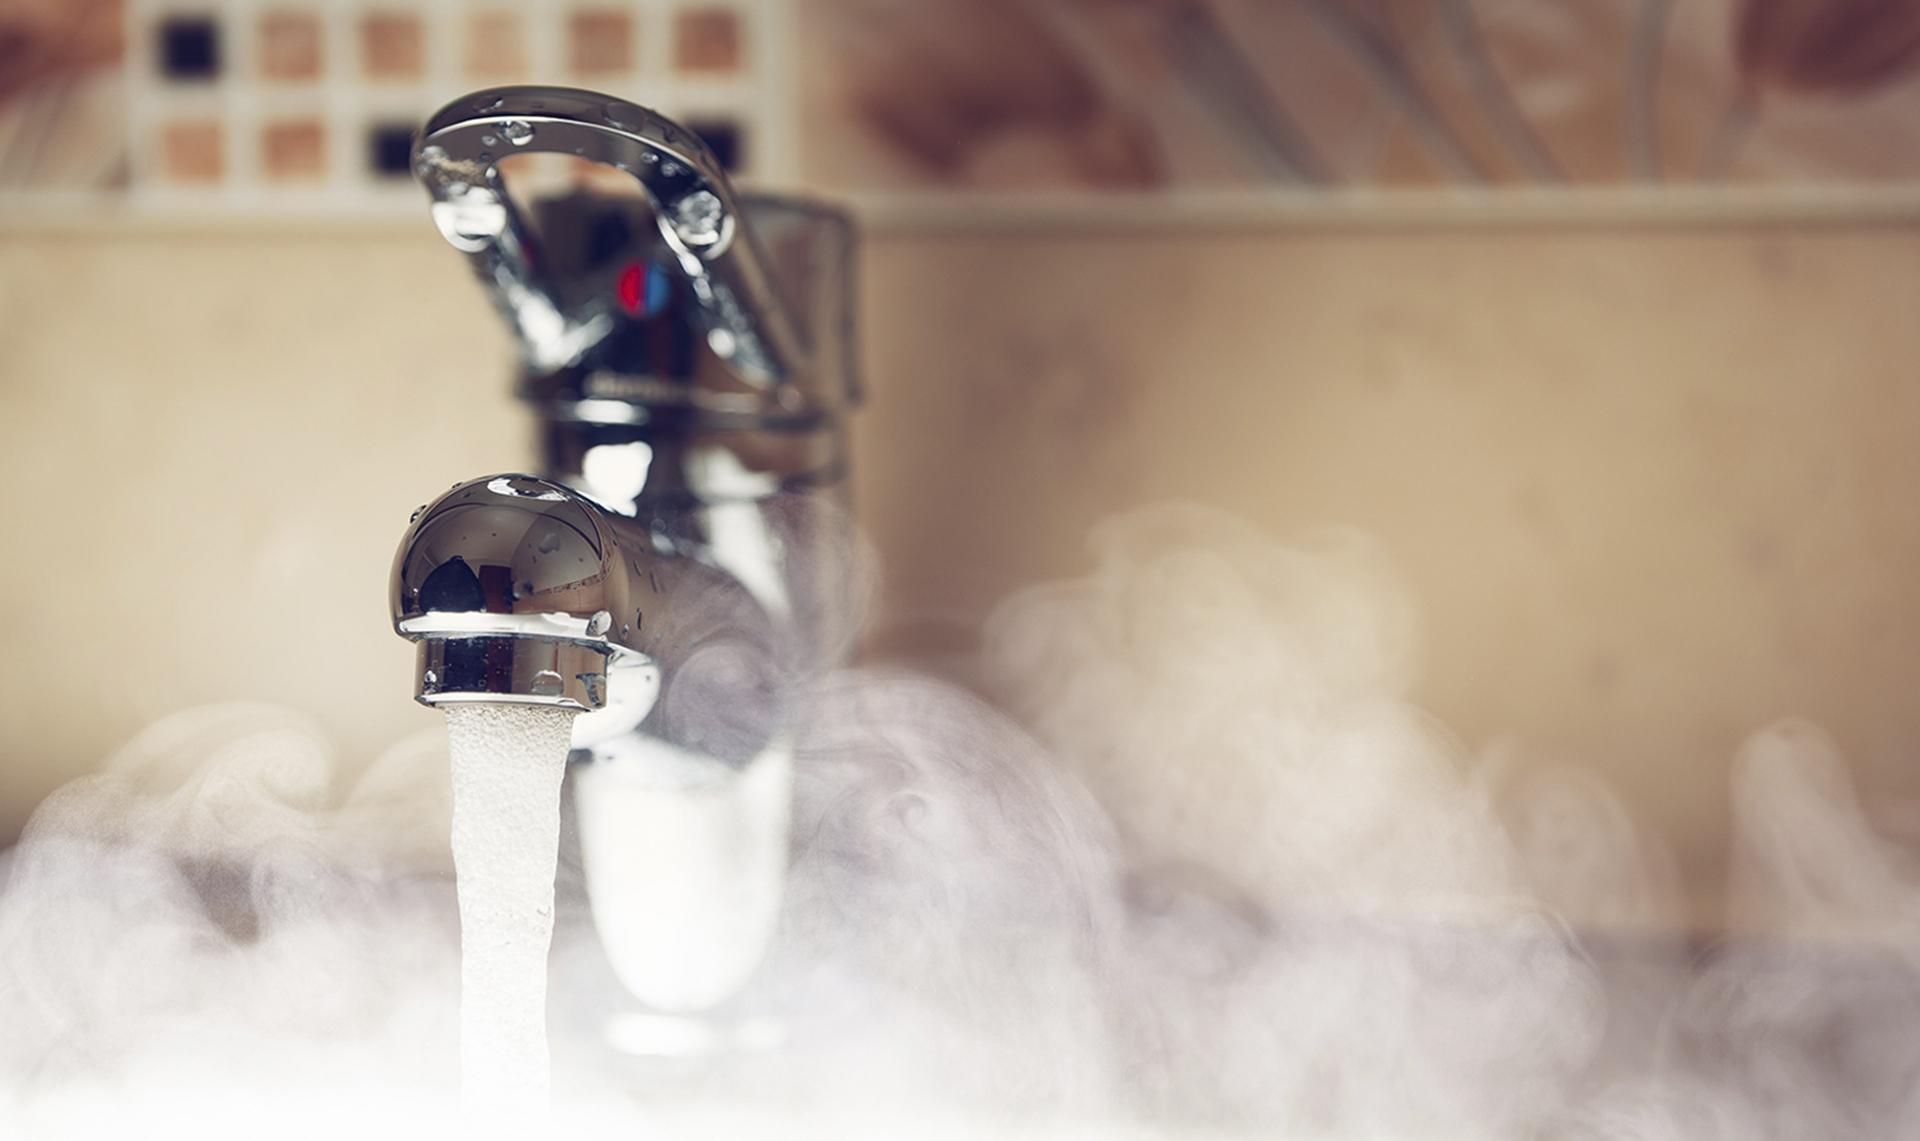 Жителям Нелидова Тверской области вернули горячую воду